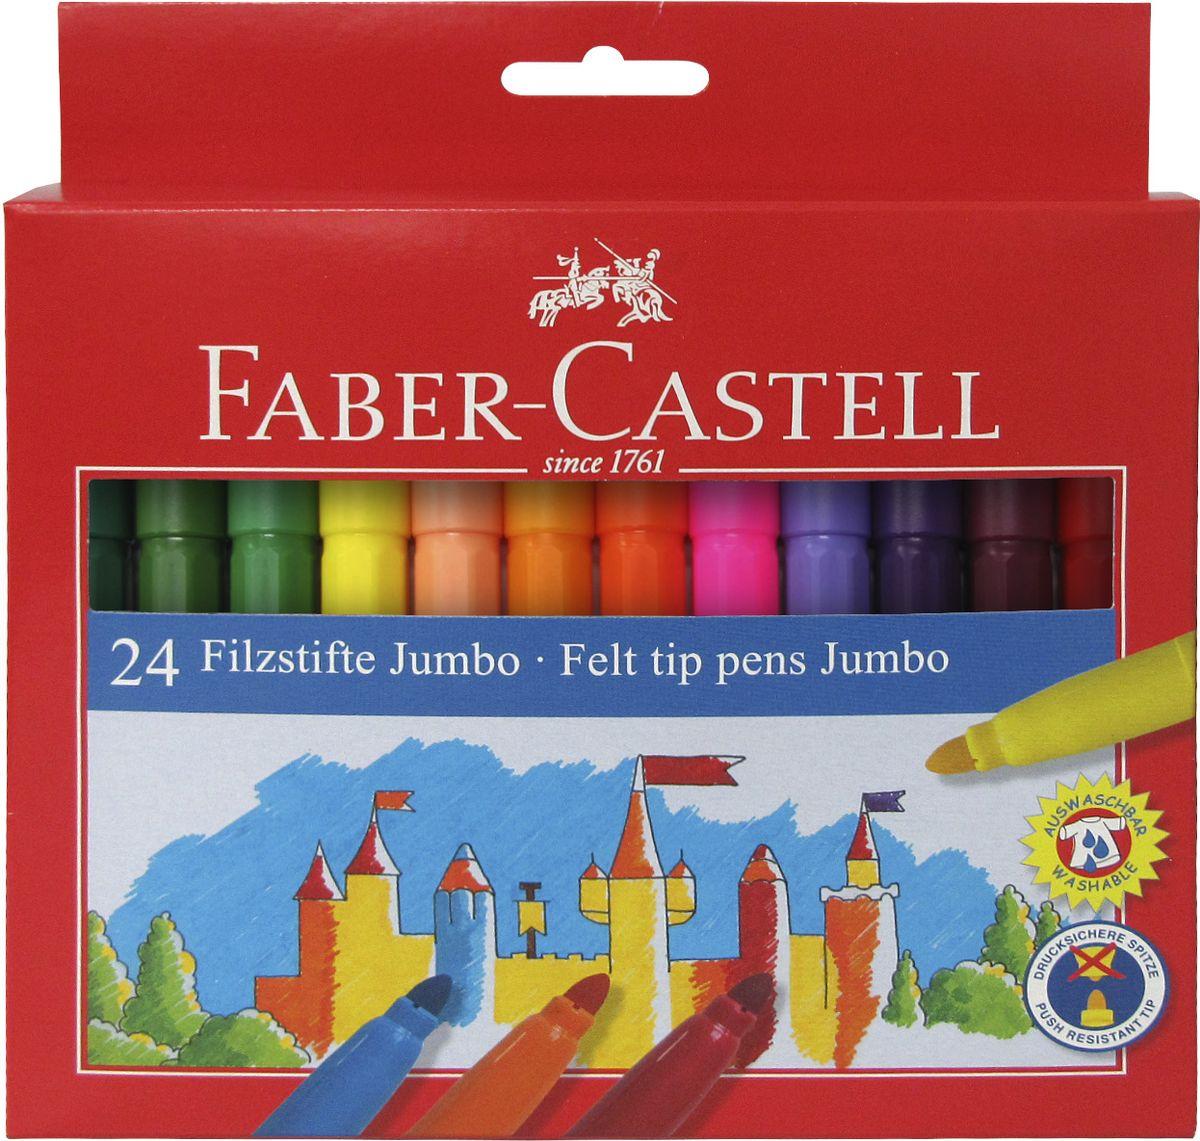 Faber-Castell Фломастеры Jumbo 24 цвета554324Фломастеры Faber-Castell Jumbo помогут маленькому художнику раскрыть свой творческий потенциал, рисовать и раскрашивать яркие картинки, развивая воображение, мелкую моторику и цветовосприятие. В наборе Faber-Castell Jumbo 12 разноцветных фломастеров. Корпусы выполнены из пластика. Чернила на водной основе окрашены с использованием пищевых красителей, благодаря чему они полностью безопасны для ребенка и имеют яркие, насыщенные цвета. Если маленький художник запачкался - не беда, ведь фломастеры отстирываются с большинства тканей. Вентилируемый колпачок надолго сохранит яркость цветов.Не рекомендуется детям до 3-х лет.